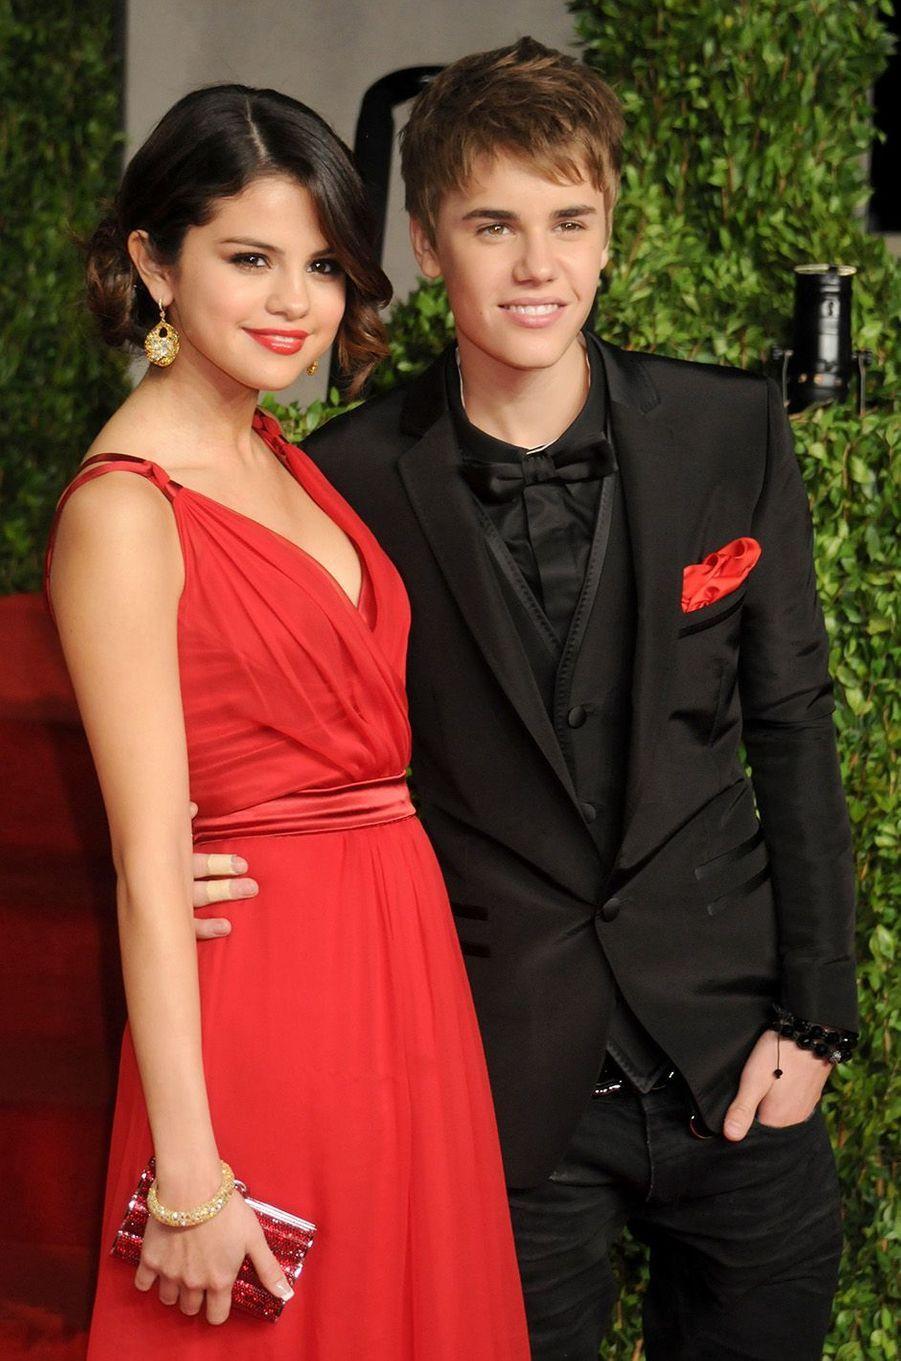 Justin Bieber et Selena Gomez à la soirée des Vanity Fair Oscars, le soir de l'officialisation, février 2011.